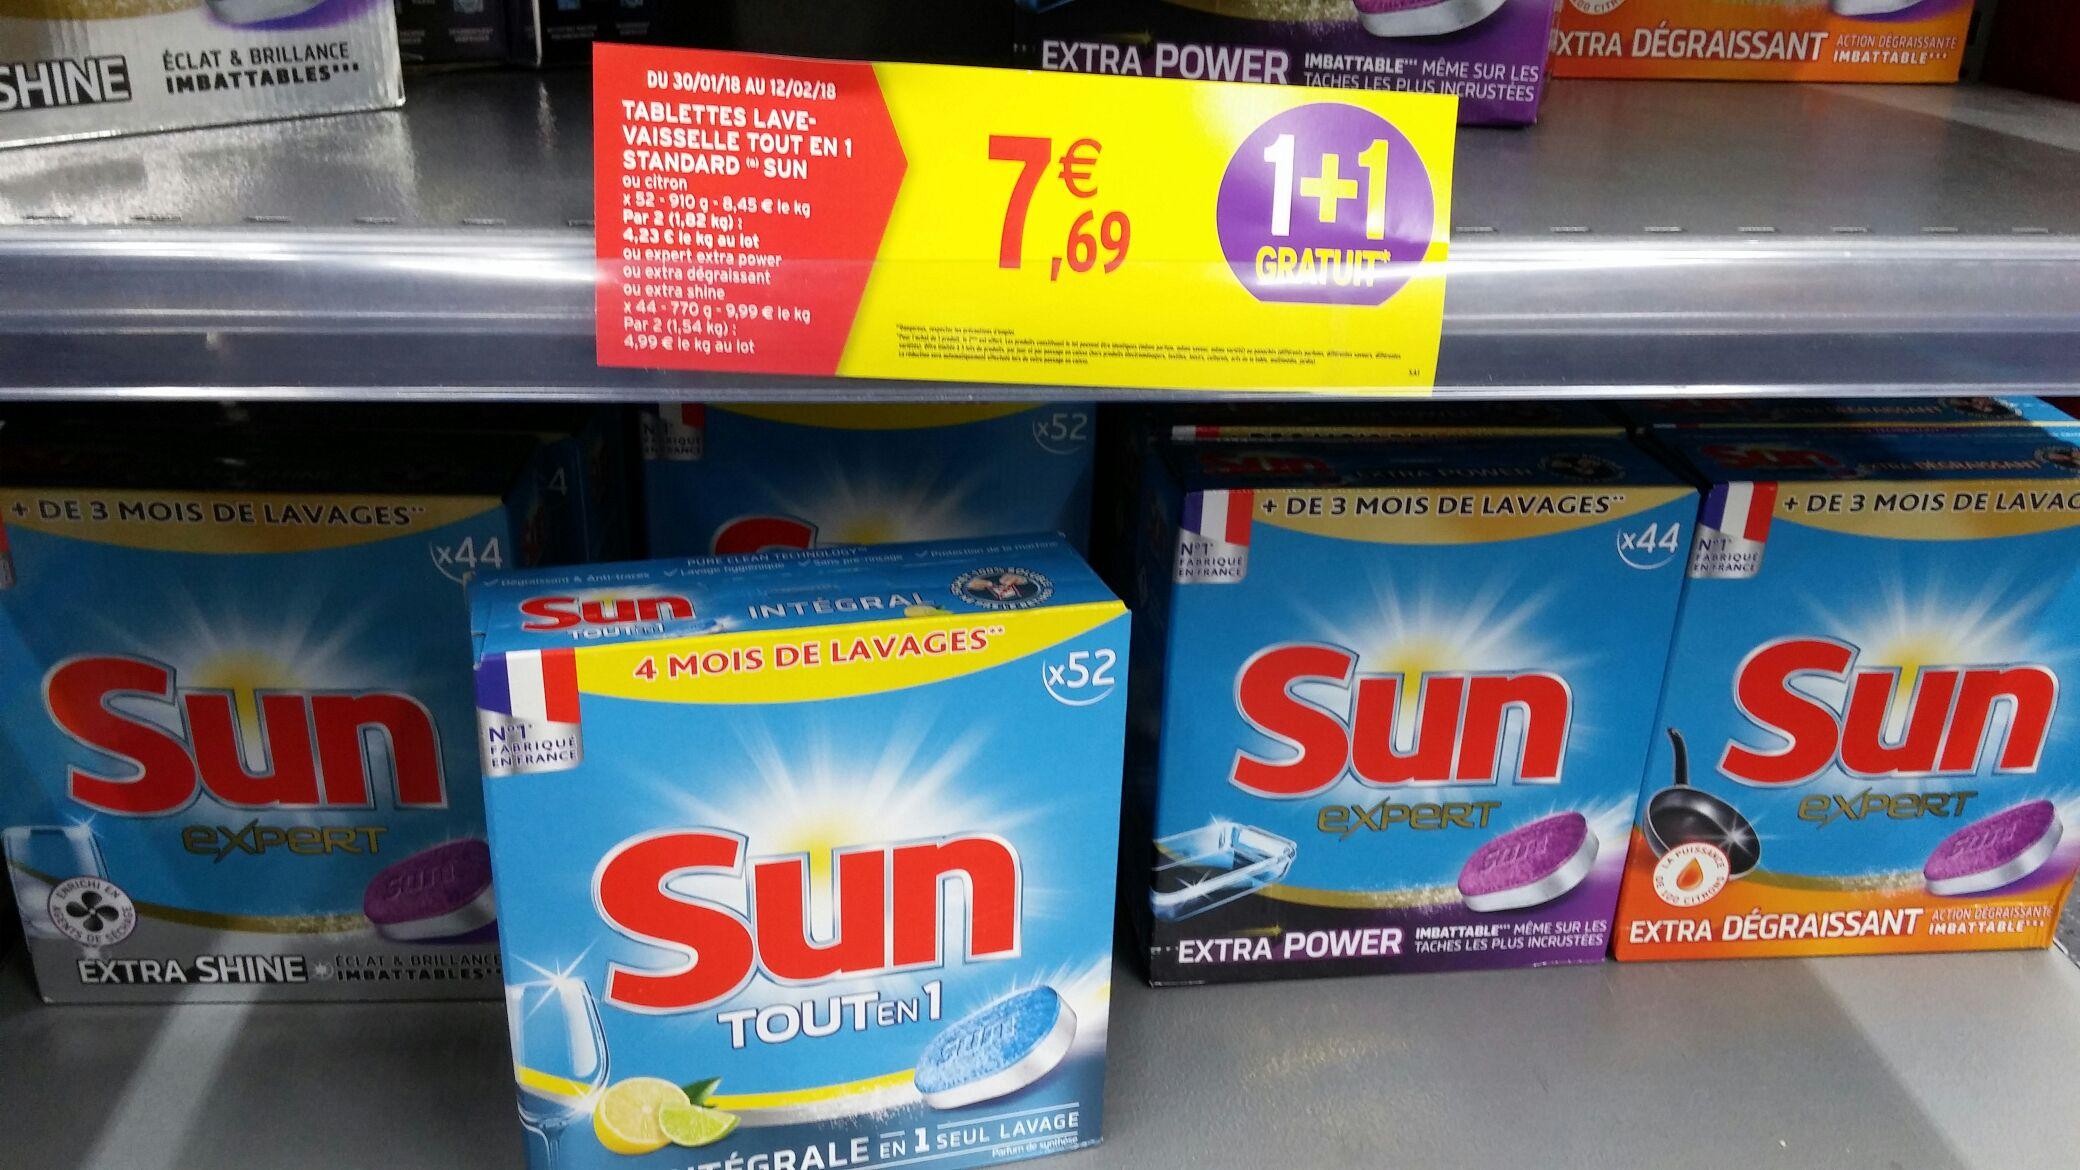 lot de 2 bo tes de tablettes lave vaisselle sun tout en 1 diff rentes vari t s diff rents. Black Bedroom Furniture Sets. Home Design Ideas